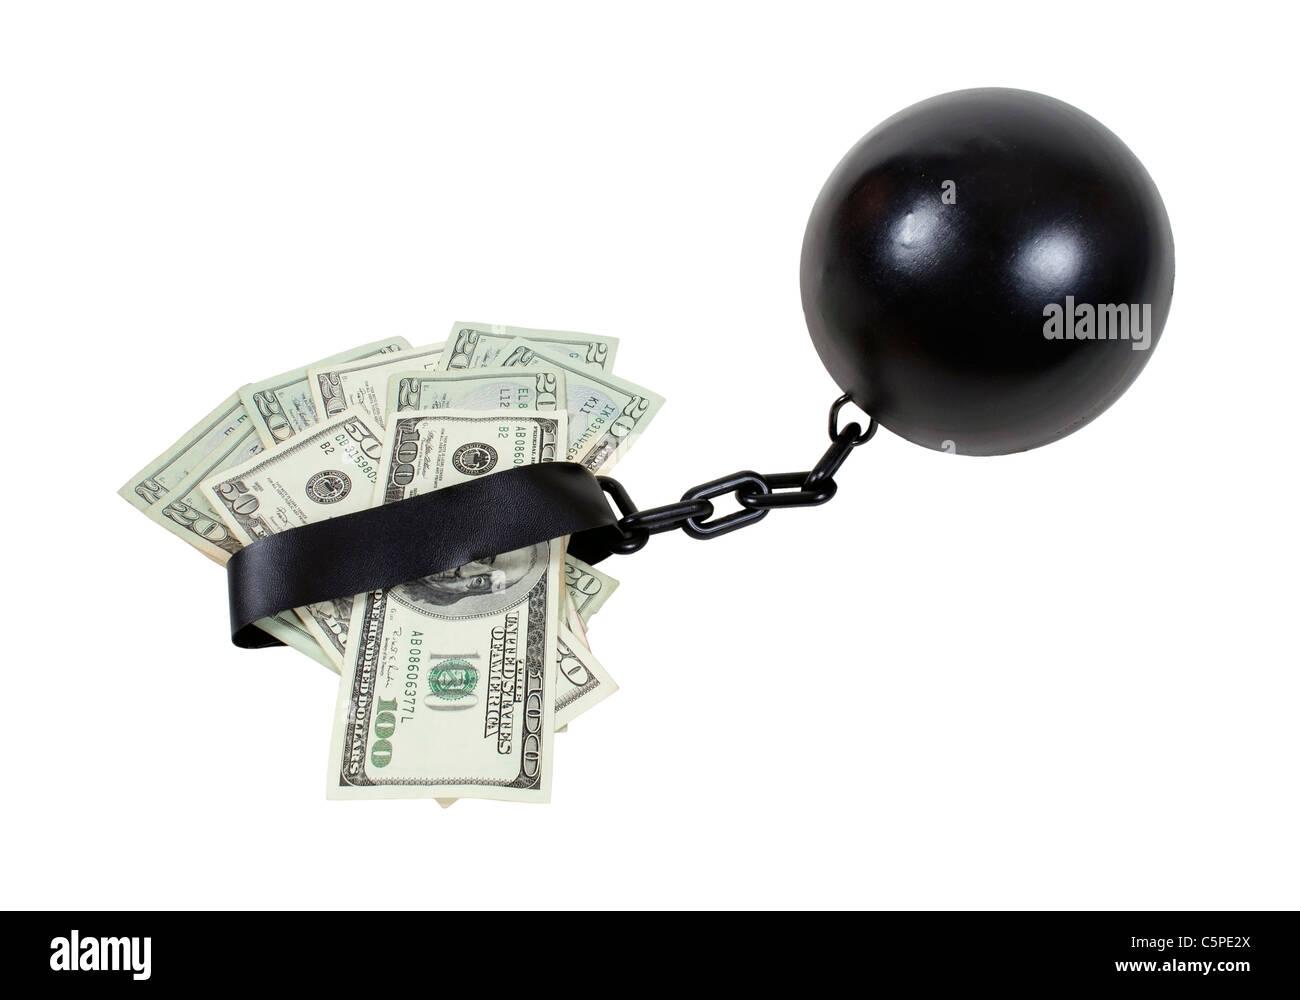 Geld durch Interesse Geld befestigt, eine Kugel und Kette - Pfad enthalten gebunden Stockbild